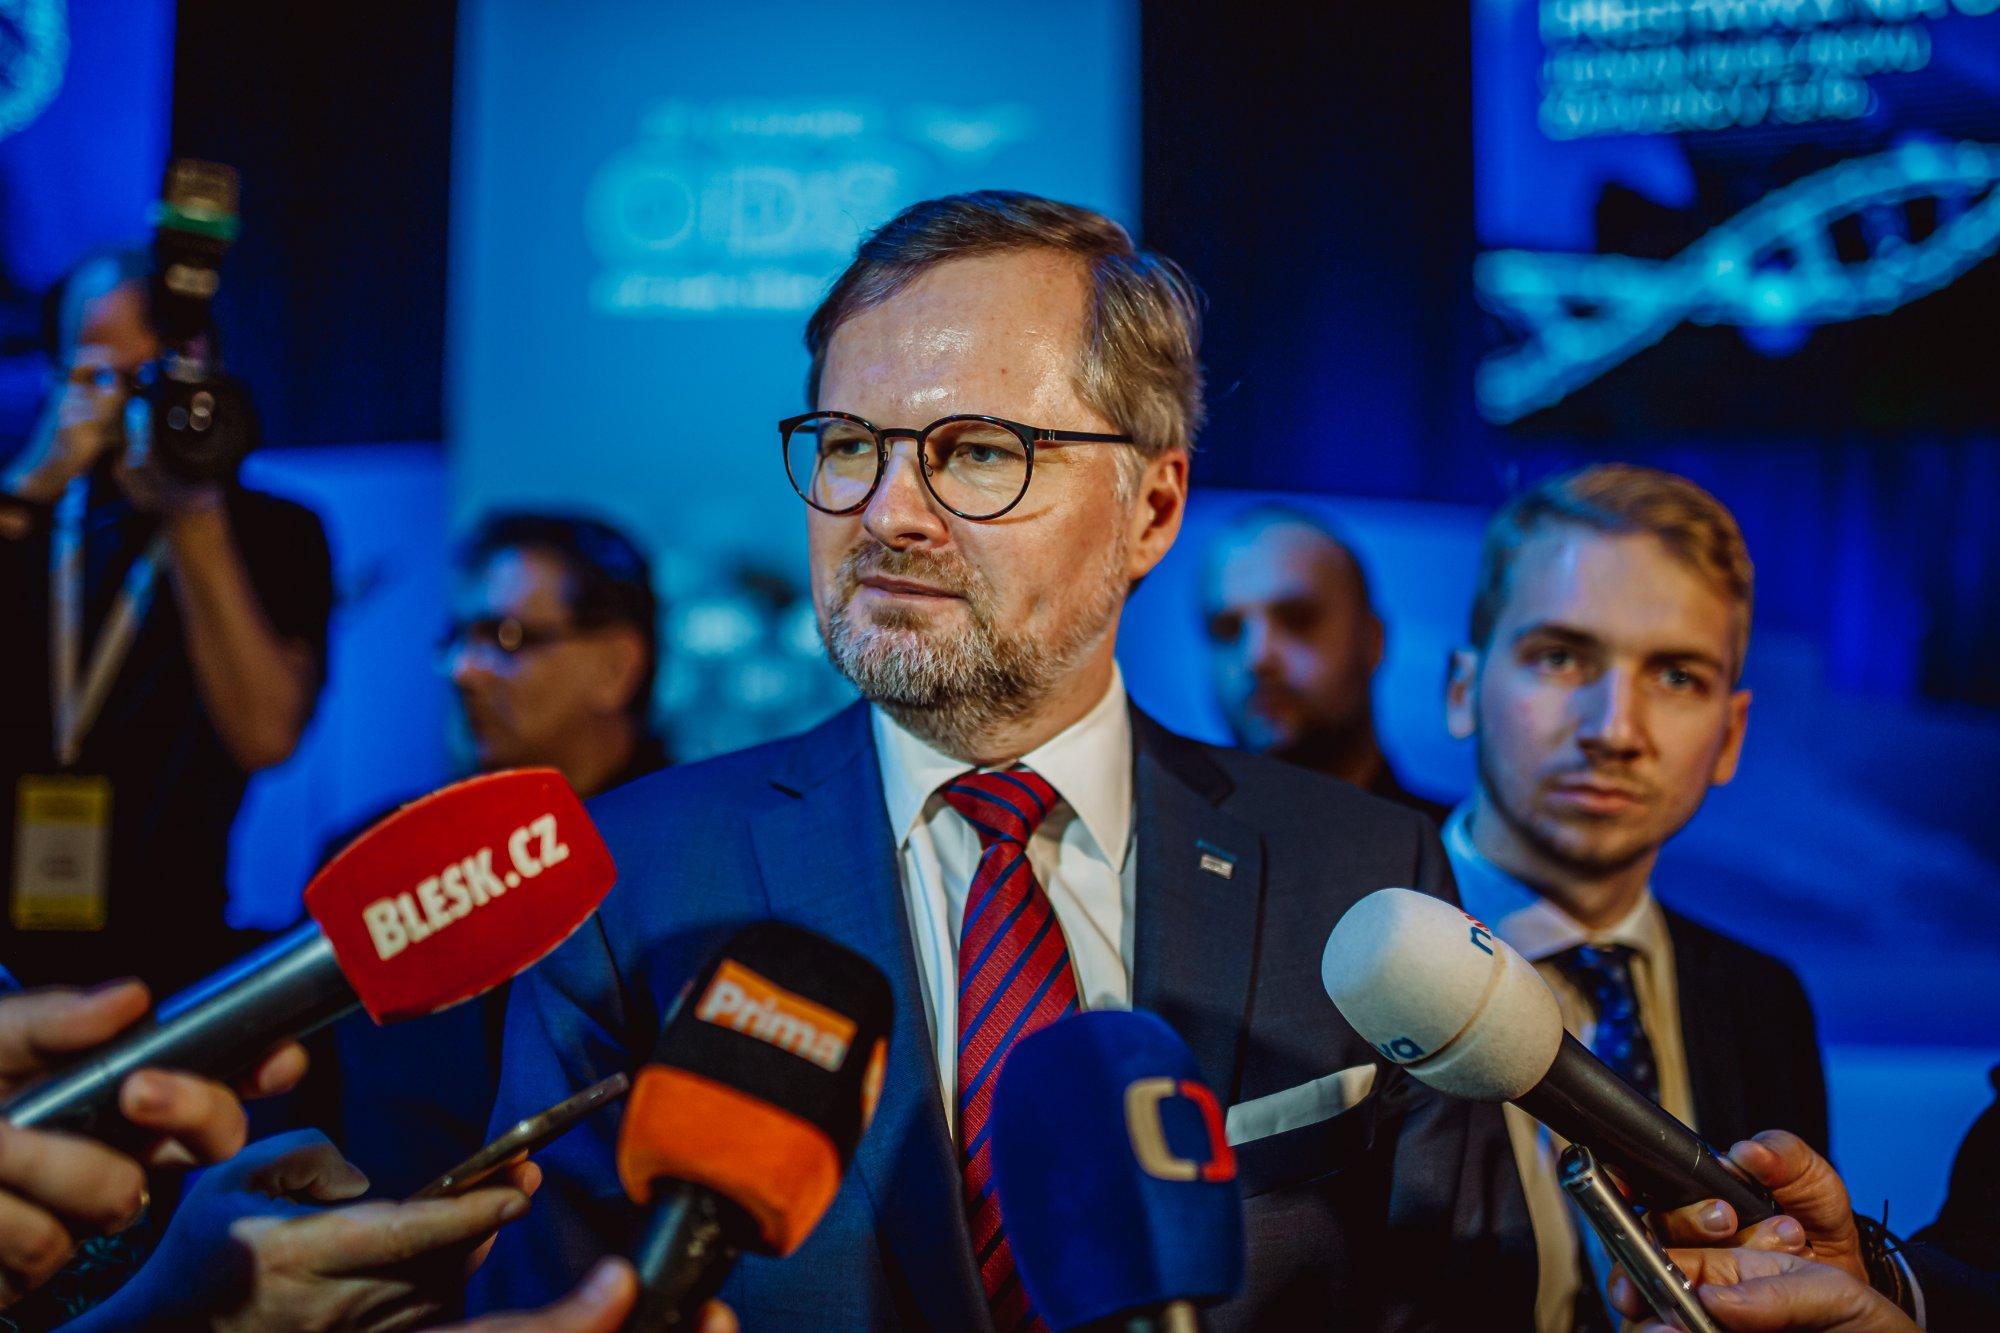 Petr Fiala: Dvacet minut Radiožurnálu: Nabízíme lidem změnu české politiky a já chci být jejím lídrem